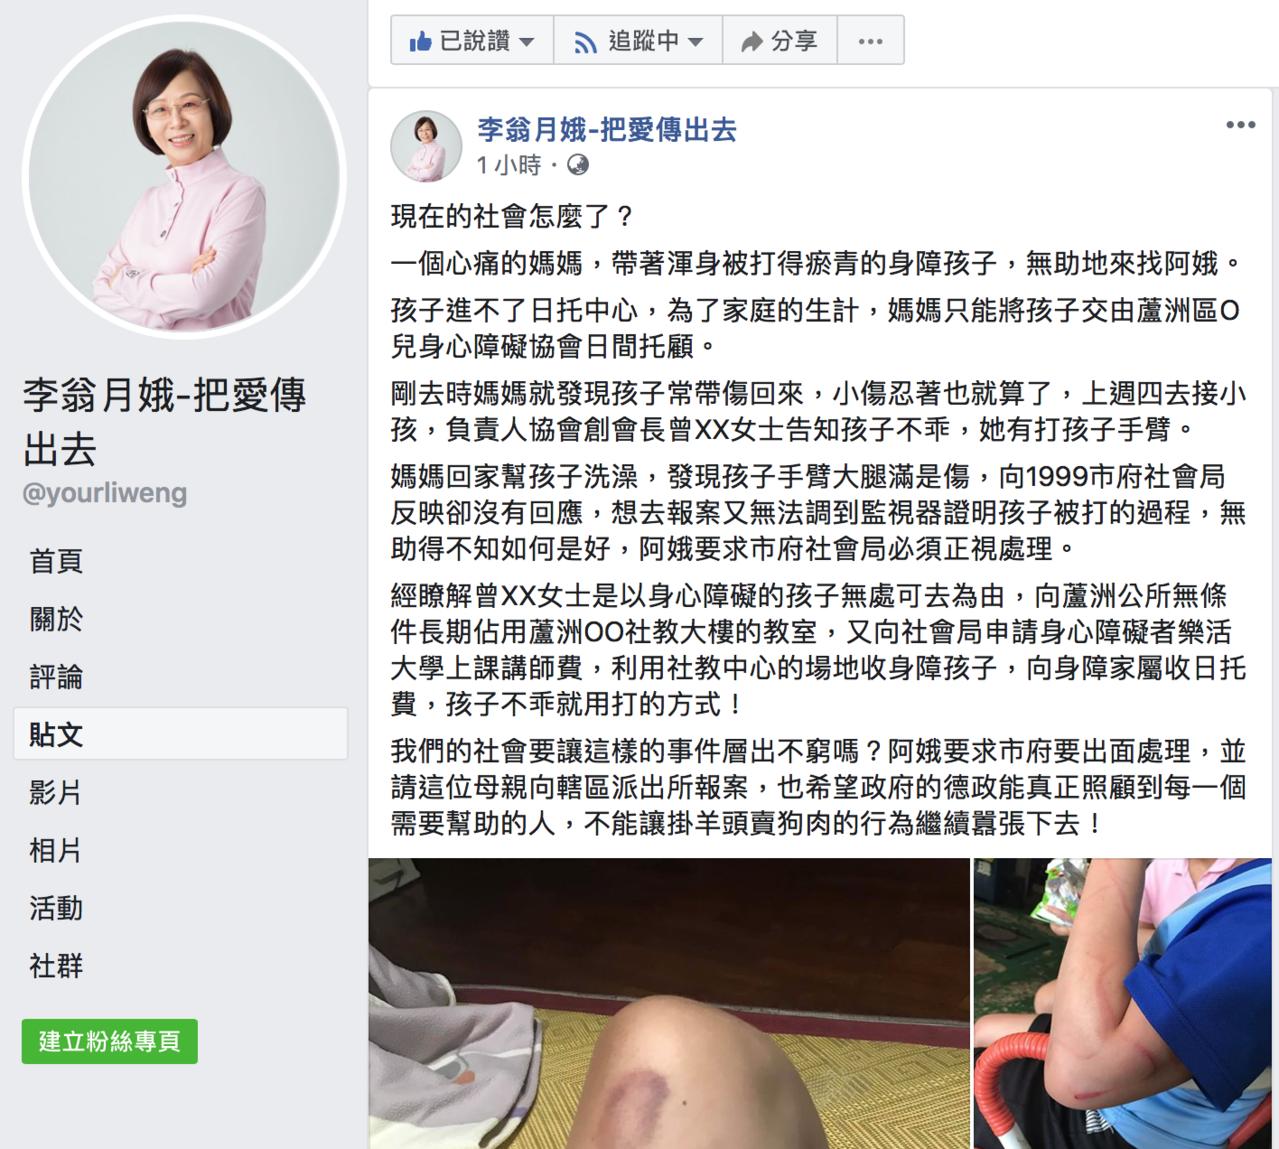 新北市議員李翁月娥昨晚在臉書爆料,一位痛心的媽媽找她申訴,自己的25歲女兒在蘆洲...